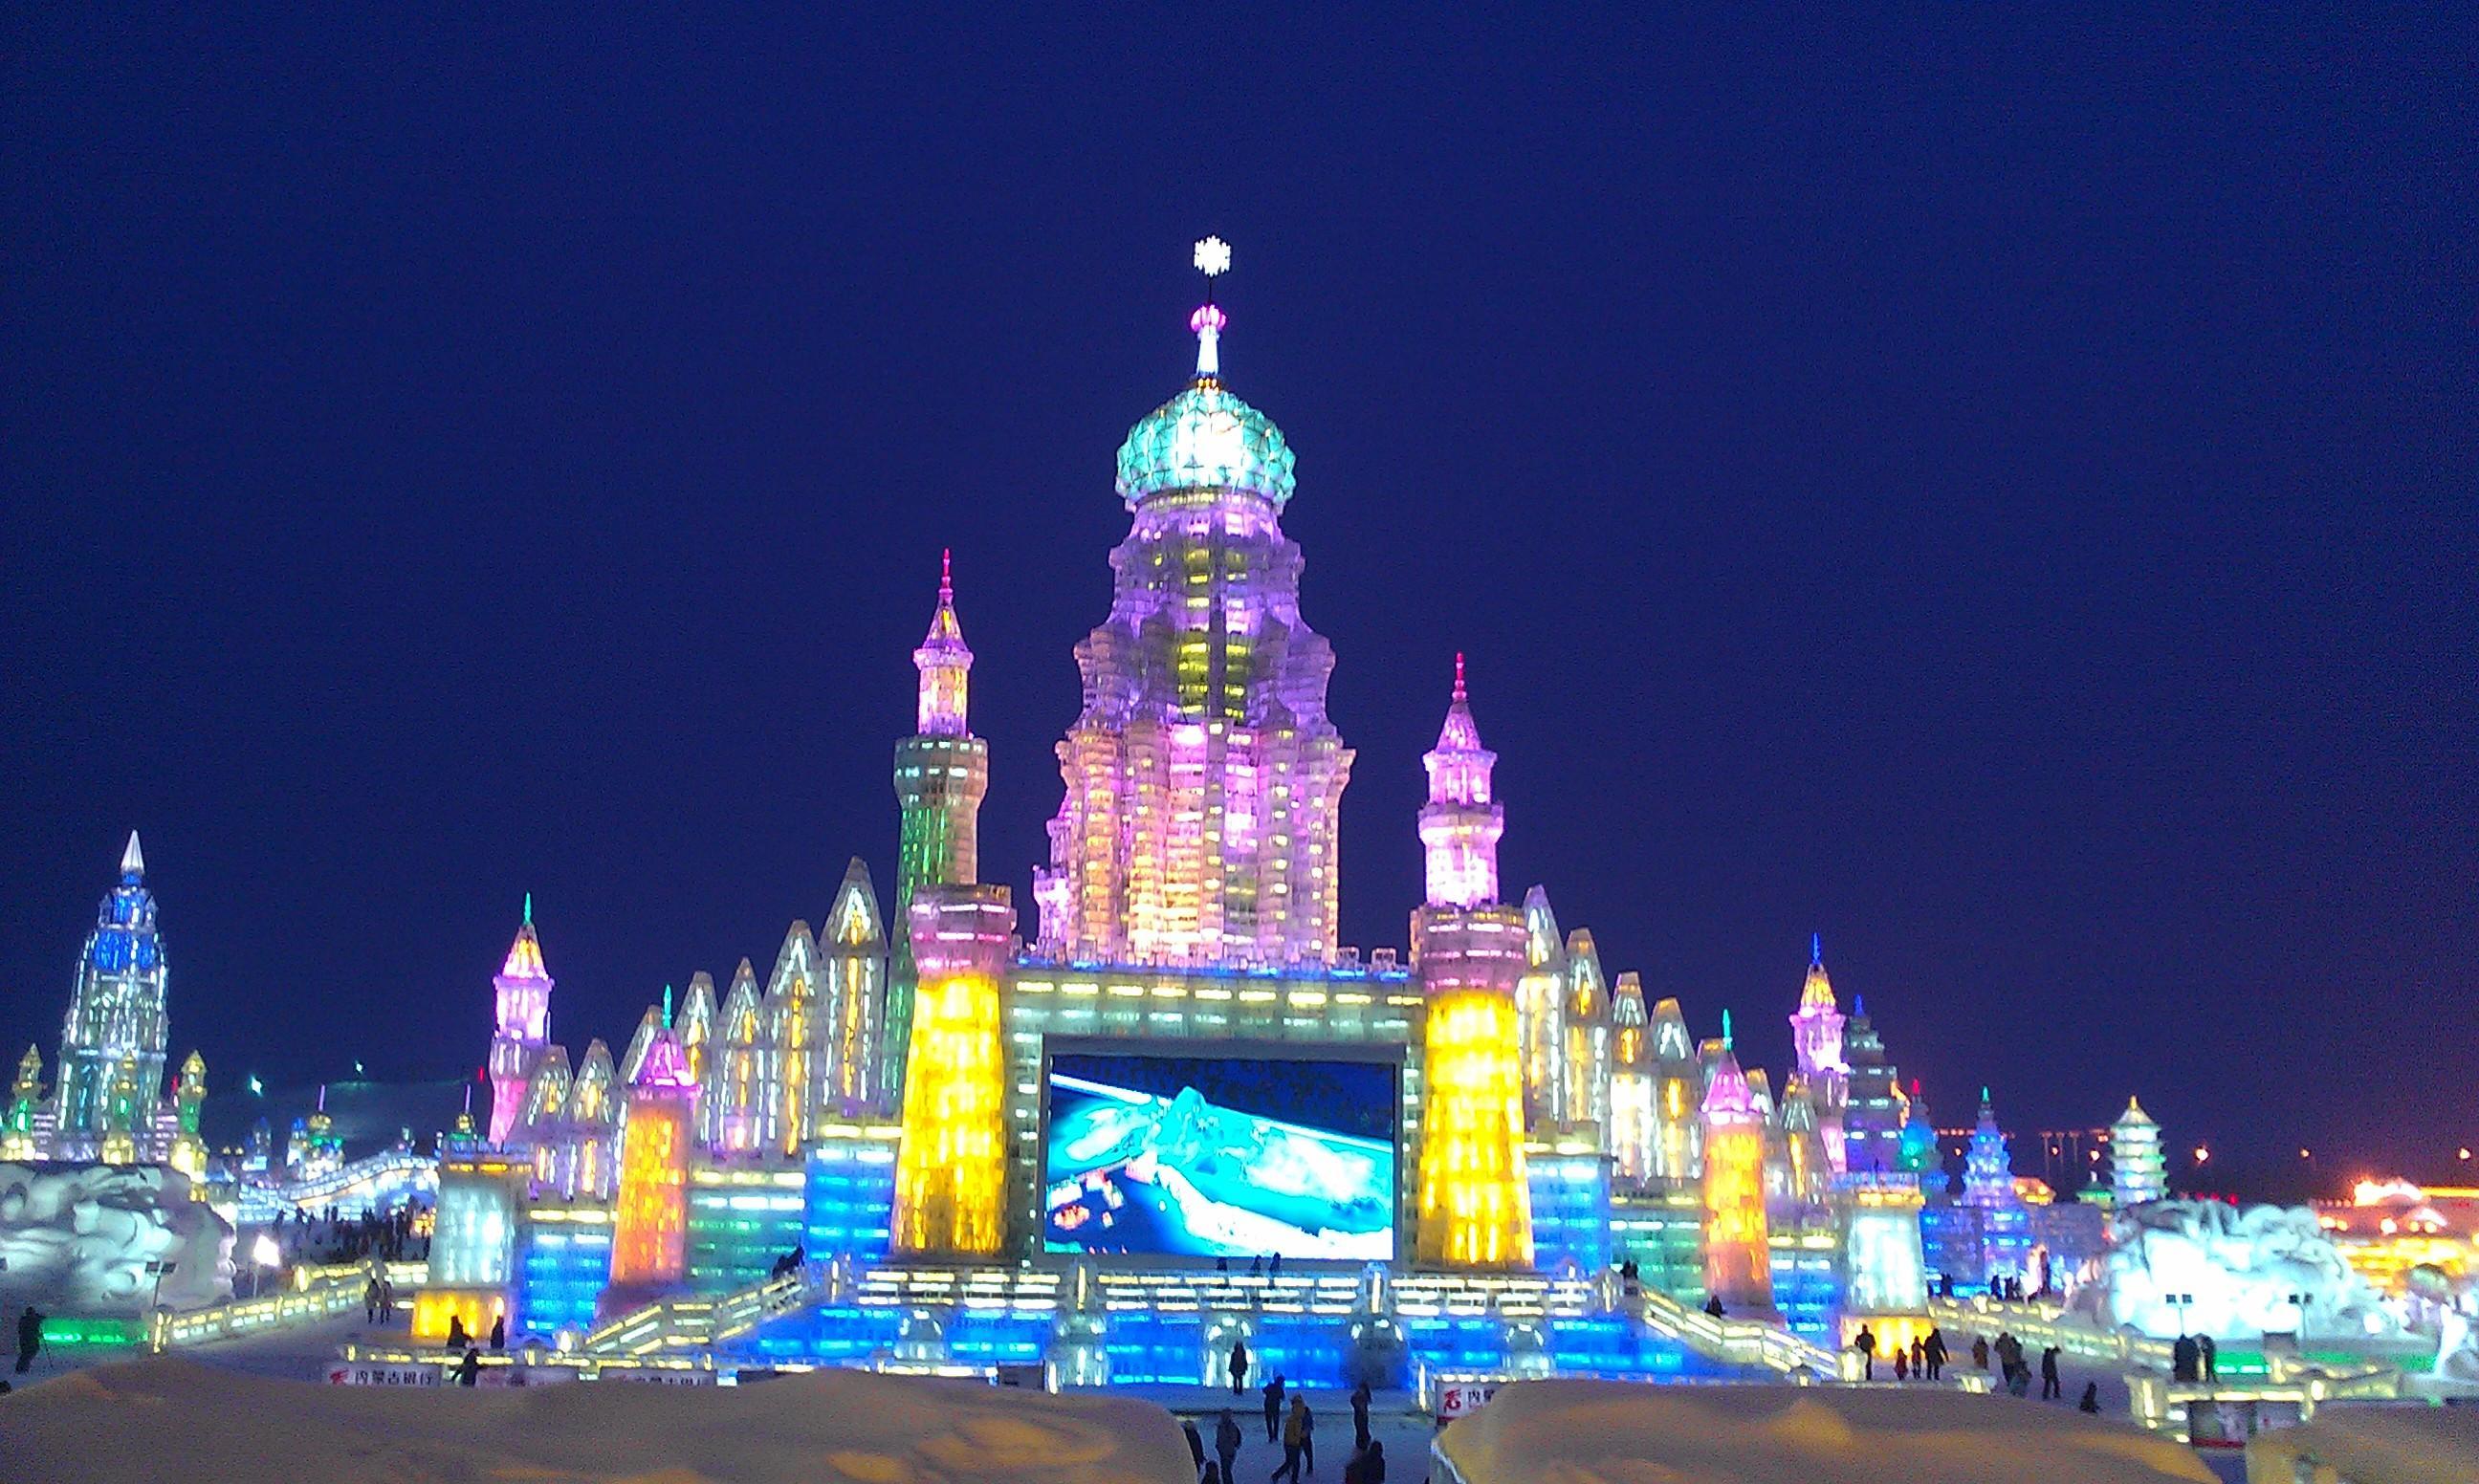 哈尔滨镜泊湖两日旅游,哈尔滨旅游攻略,去哪儿鹿邑攻略图片